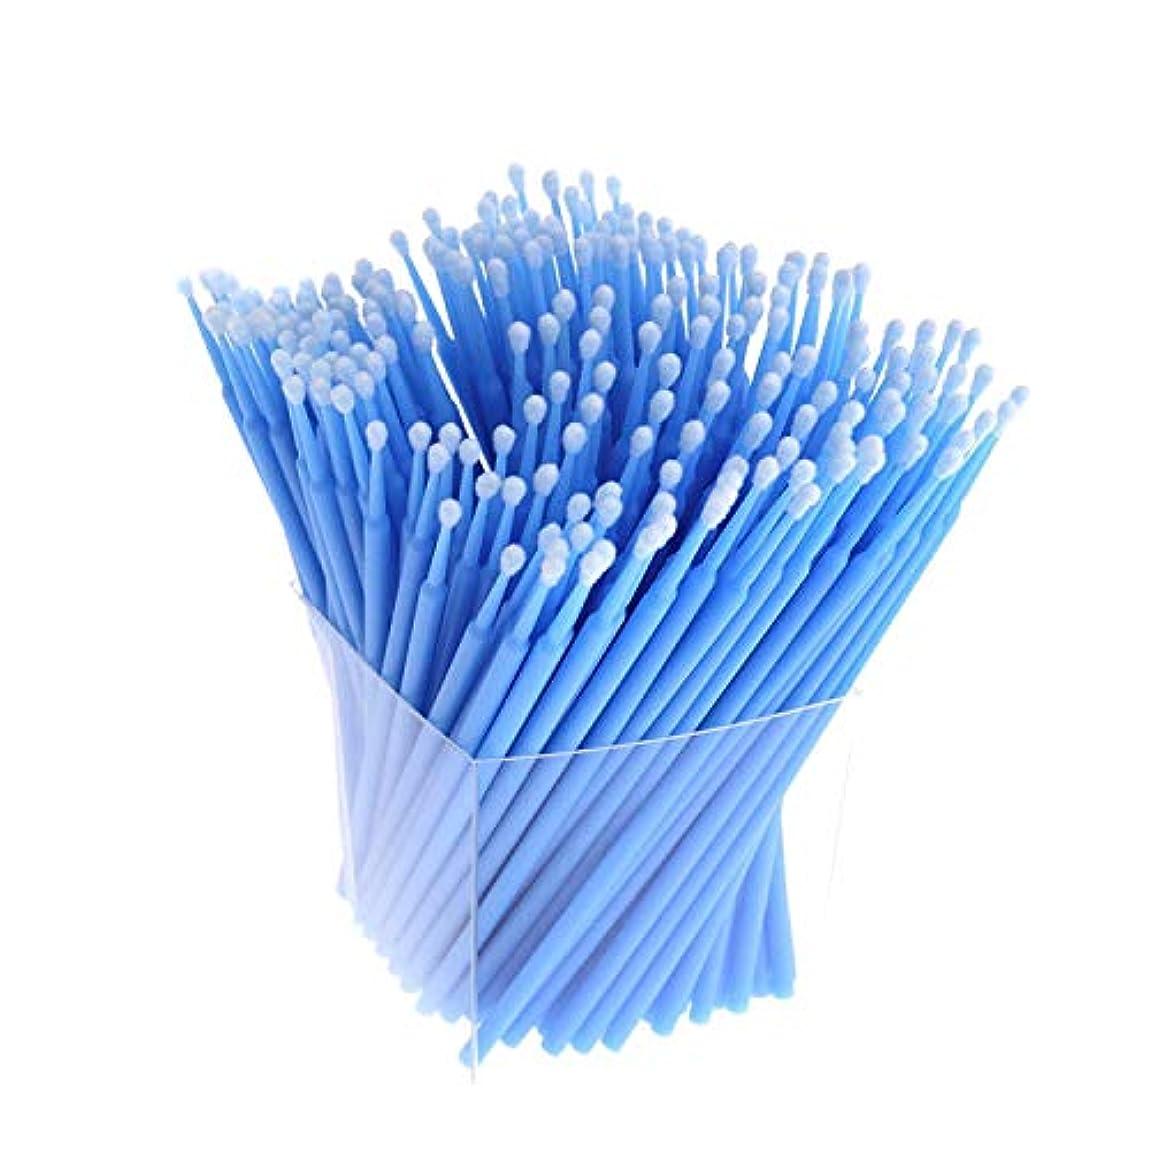 切断する気づくなる学んだSODIAL 200本、アプリケーター、まつげ用綿棒、マイクロ-ブラシ、使い捨てマイクロ-ブラシ、延長化粧工具-青色